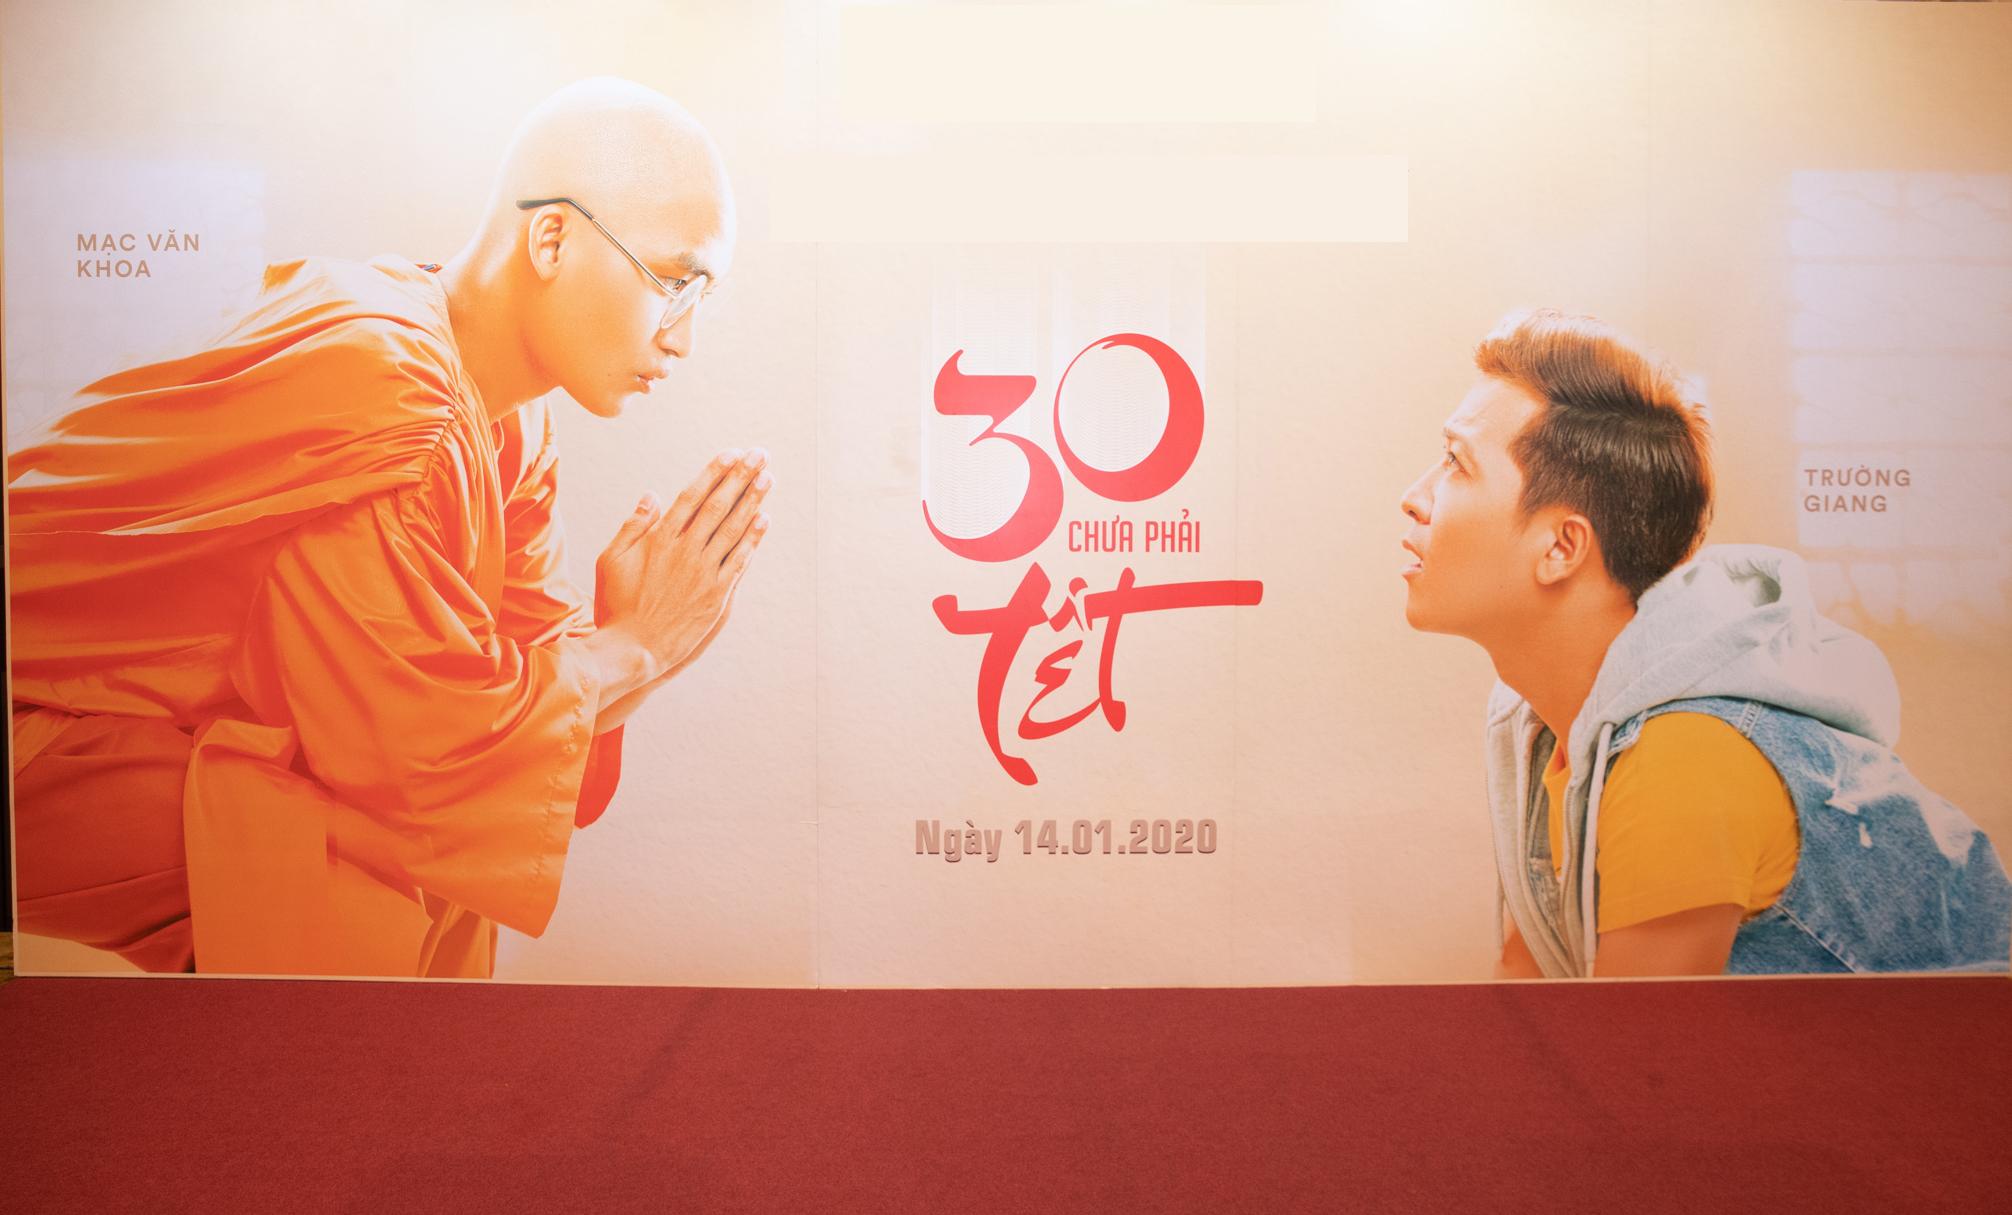 Phim Tết 23 tỷ của Trường Giang bị kiểm duyệt, có nguy cơ cấm ra rạp? - 1